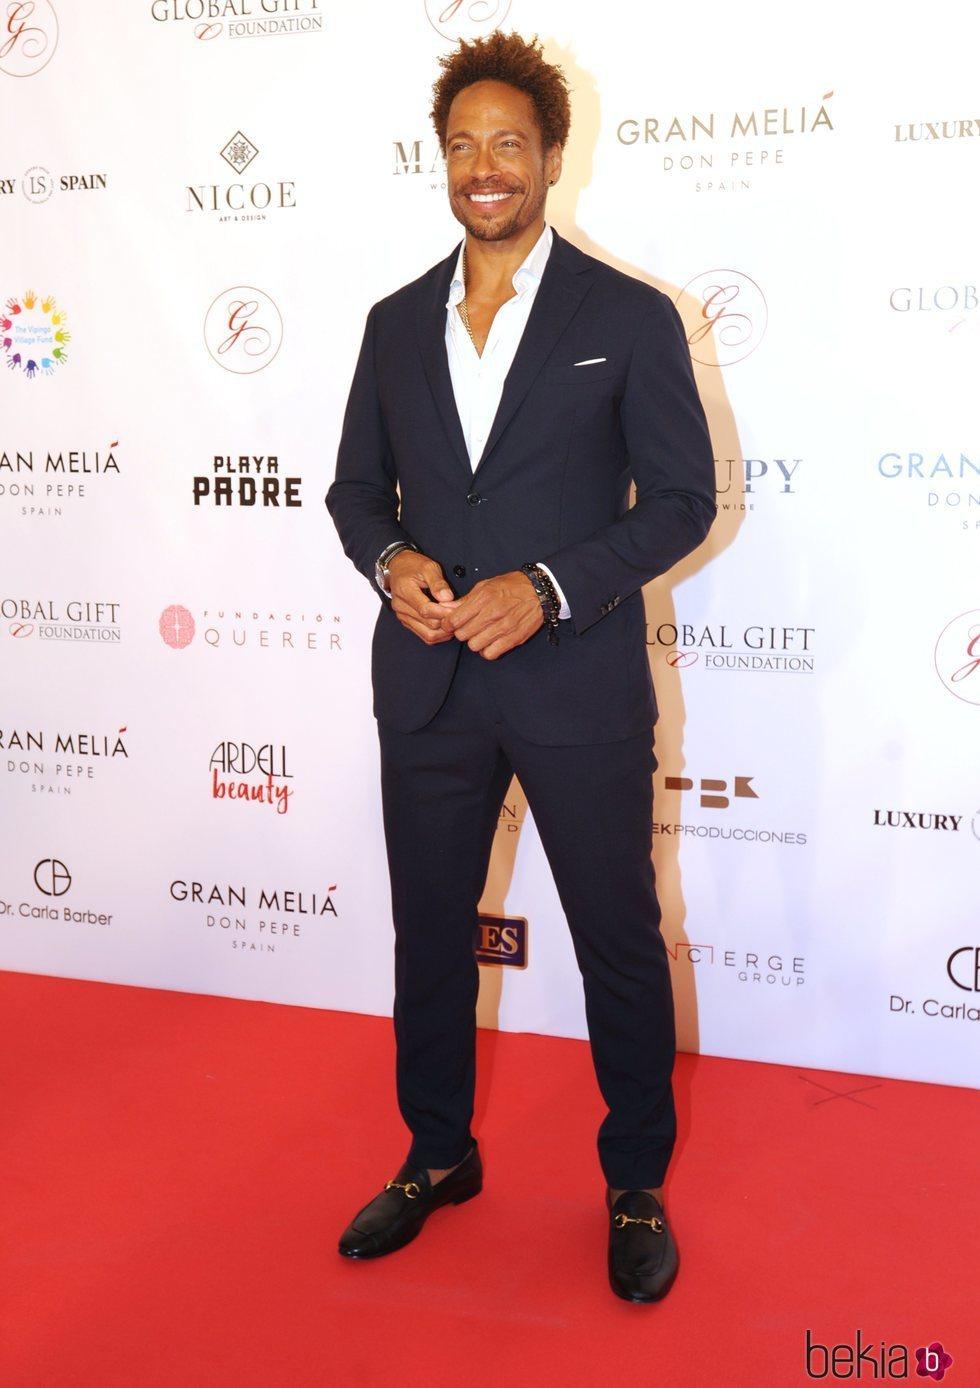 El actor Gray Dourdan durante la gala Global Gift Marbella 2018